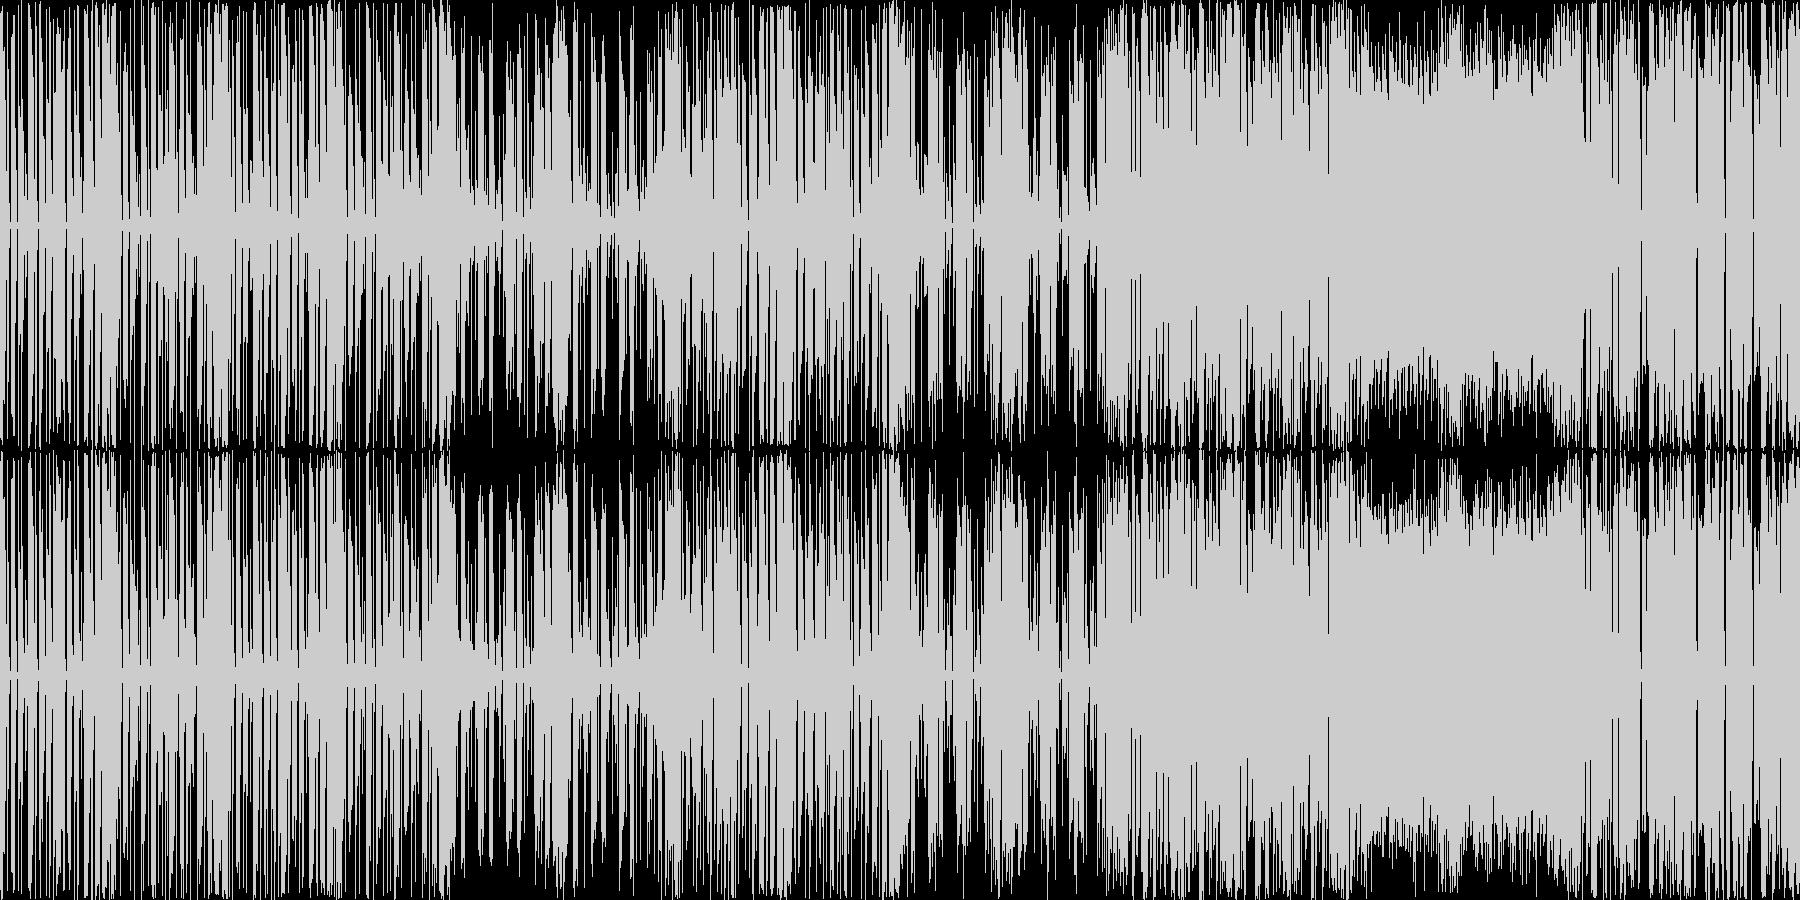 テクノ、エレクトロニカ風BGMの未再生の波形